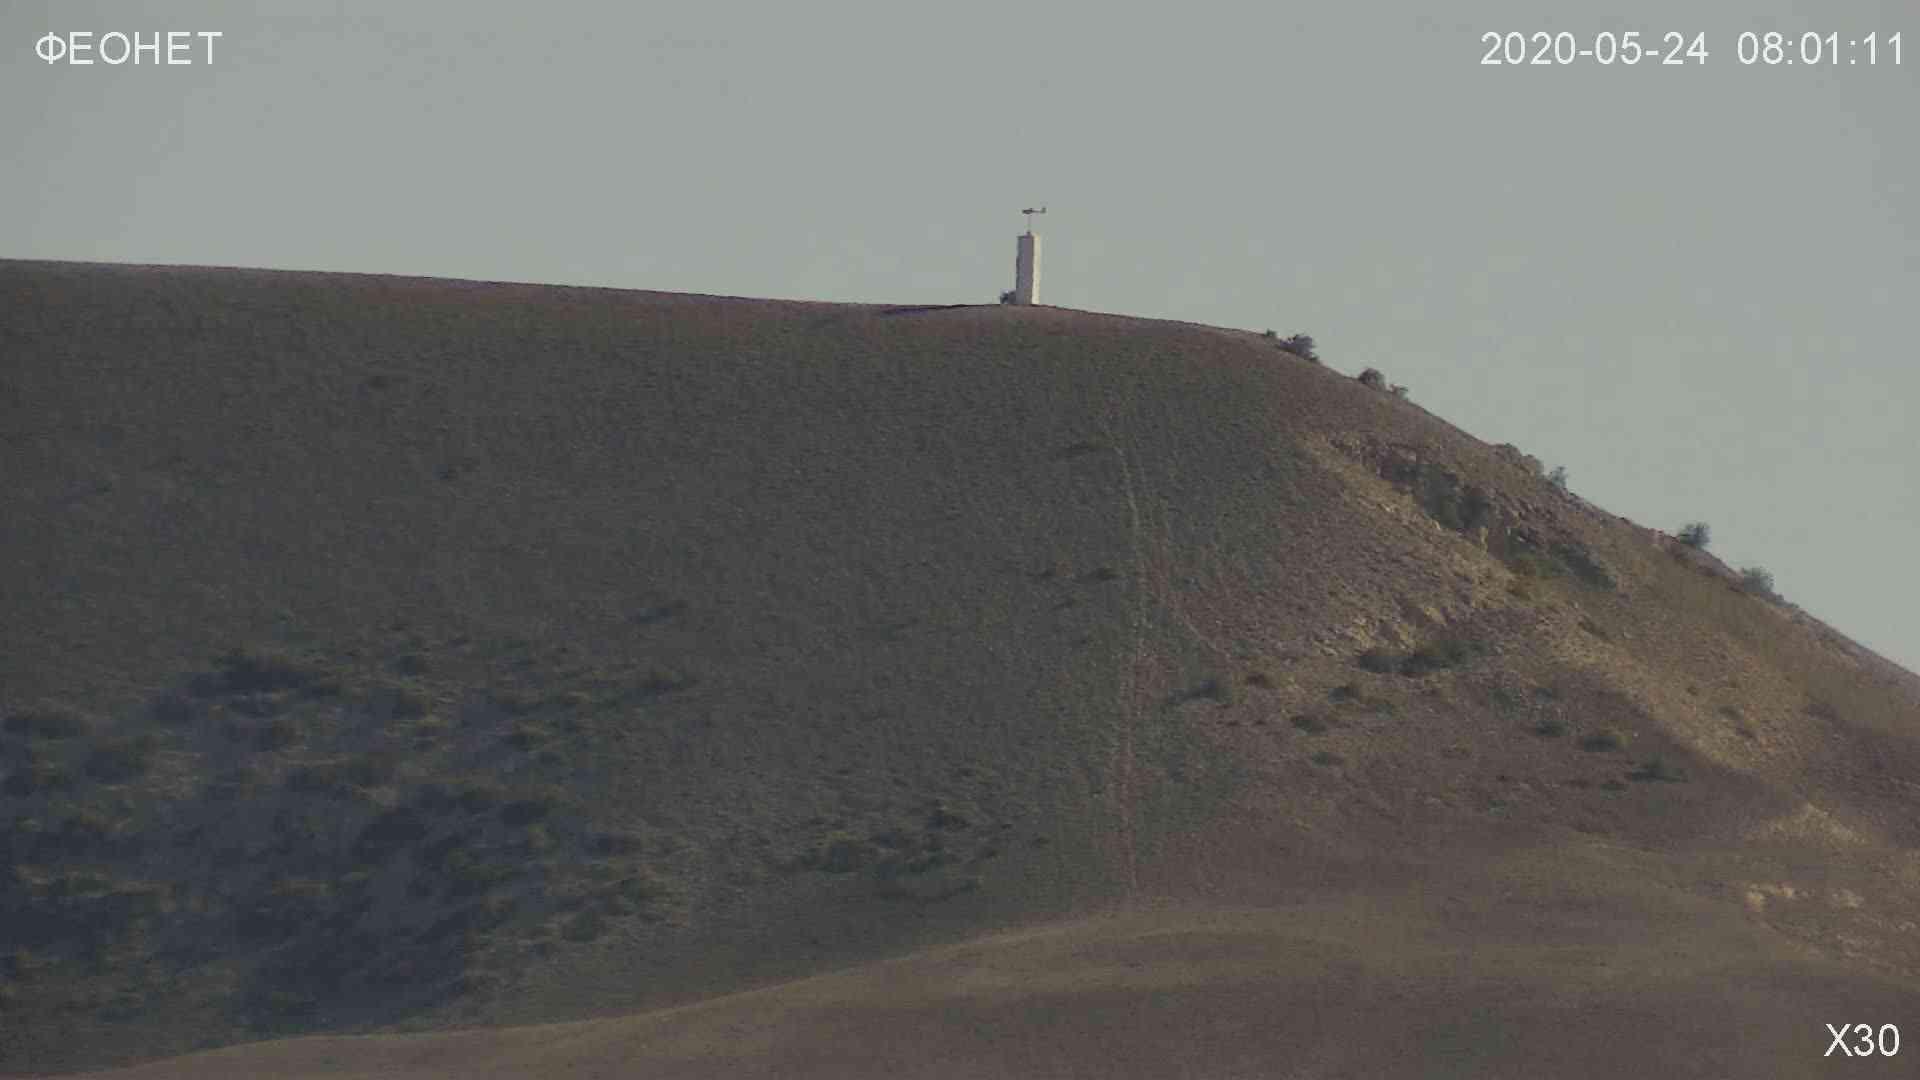 Веб-камеры Феодосии, Обзорная камера в Коктебеле, 2020-05-24 08:02:40